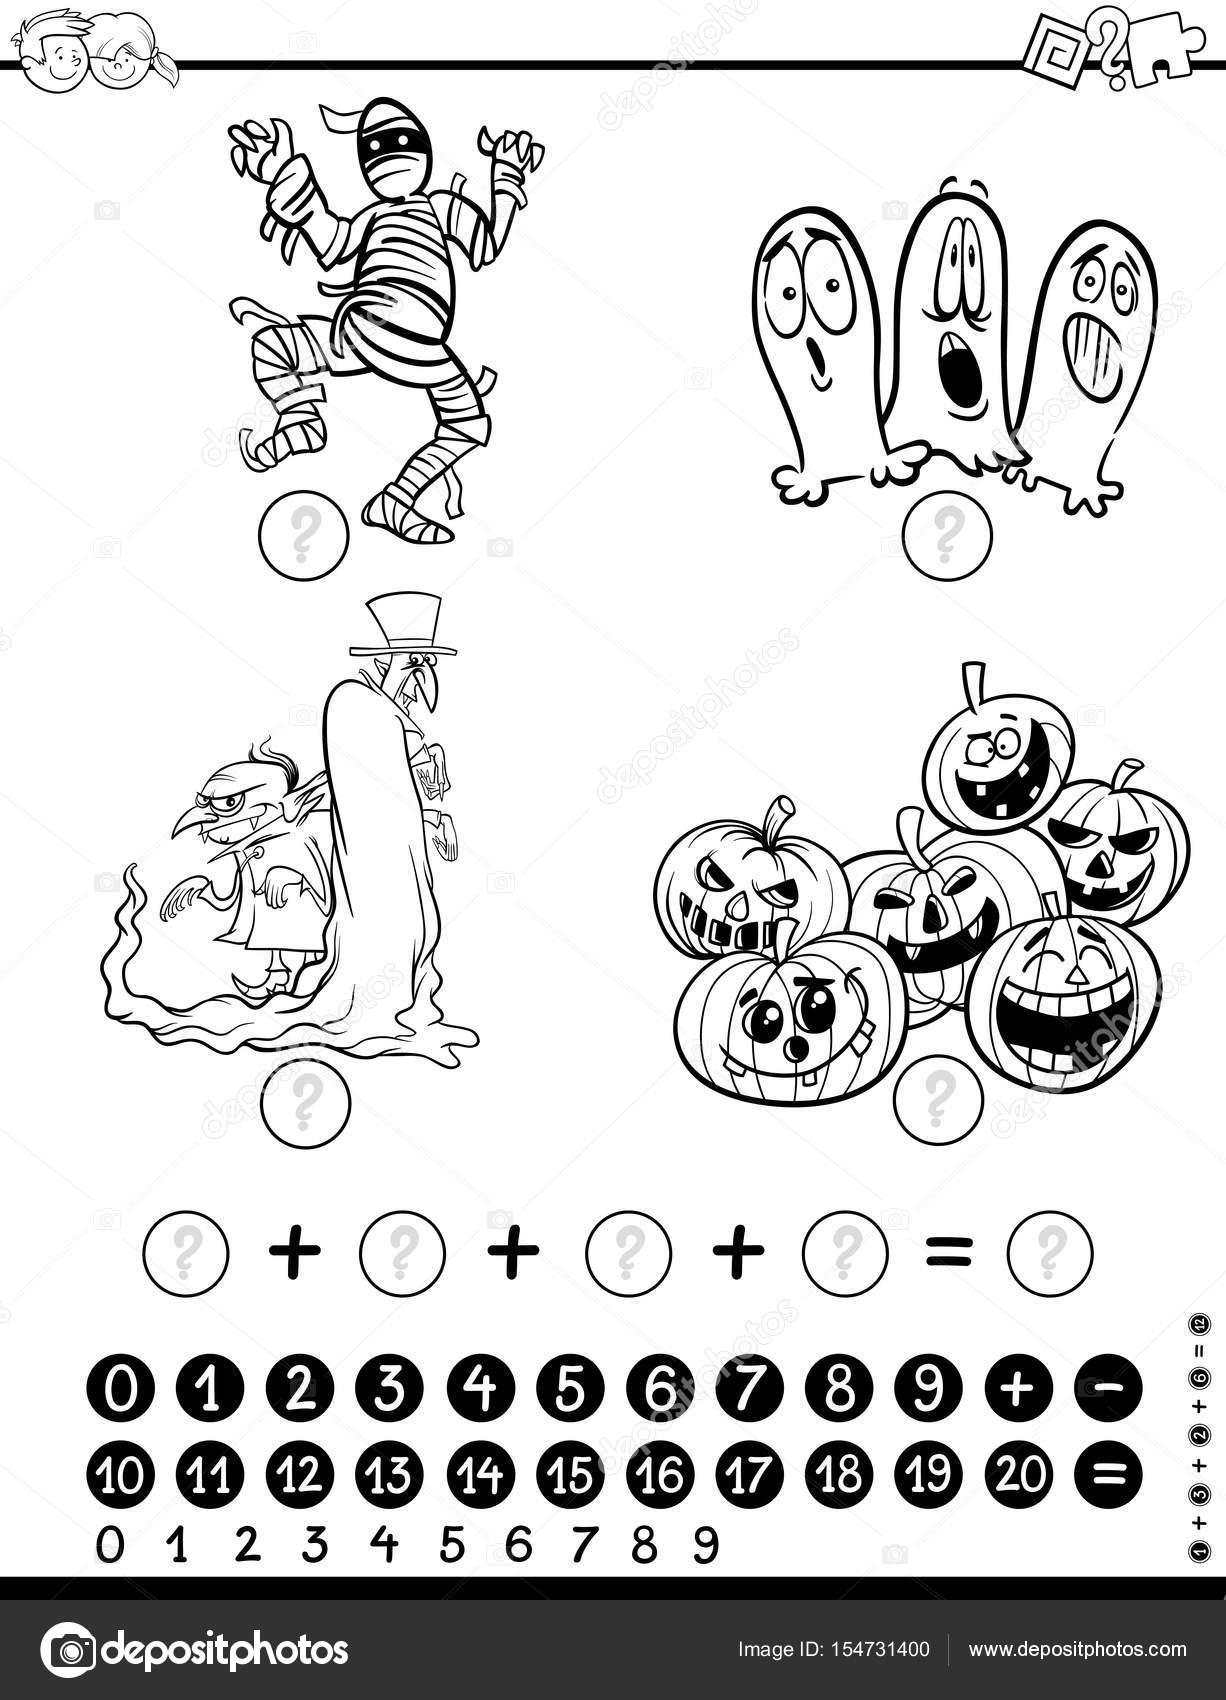 Página de matemáticas actividad para colorear — Archivo Imágenes ...